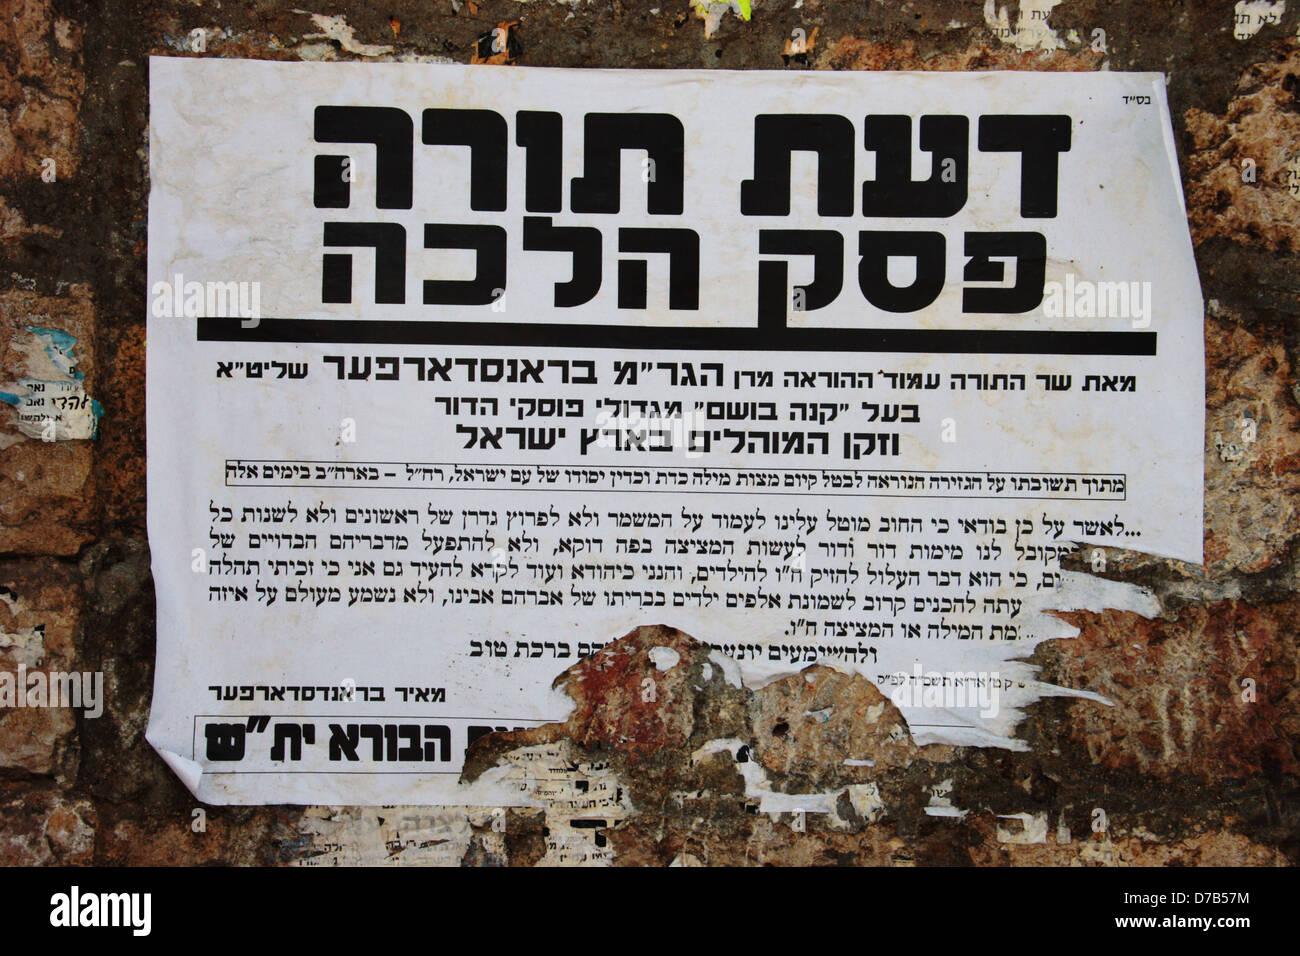 Frase de acuerdo a la ley judía religiosa (2005), Jerusalén Imagen De Stock